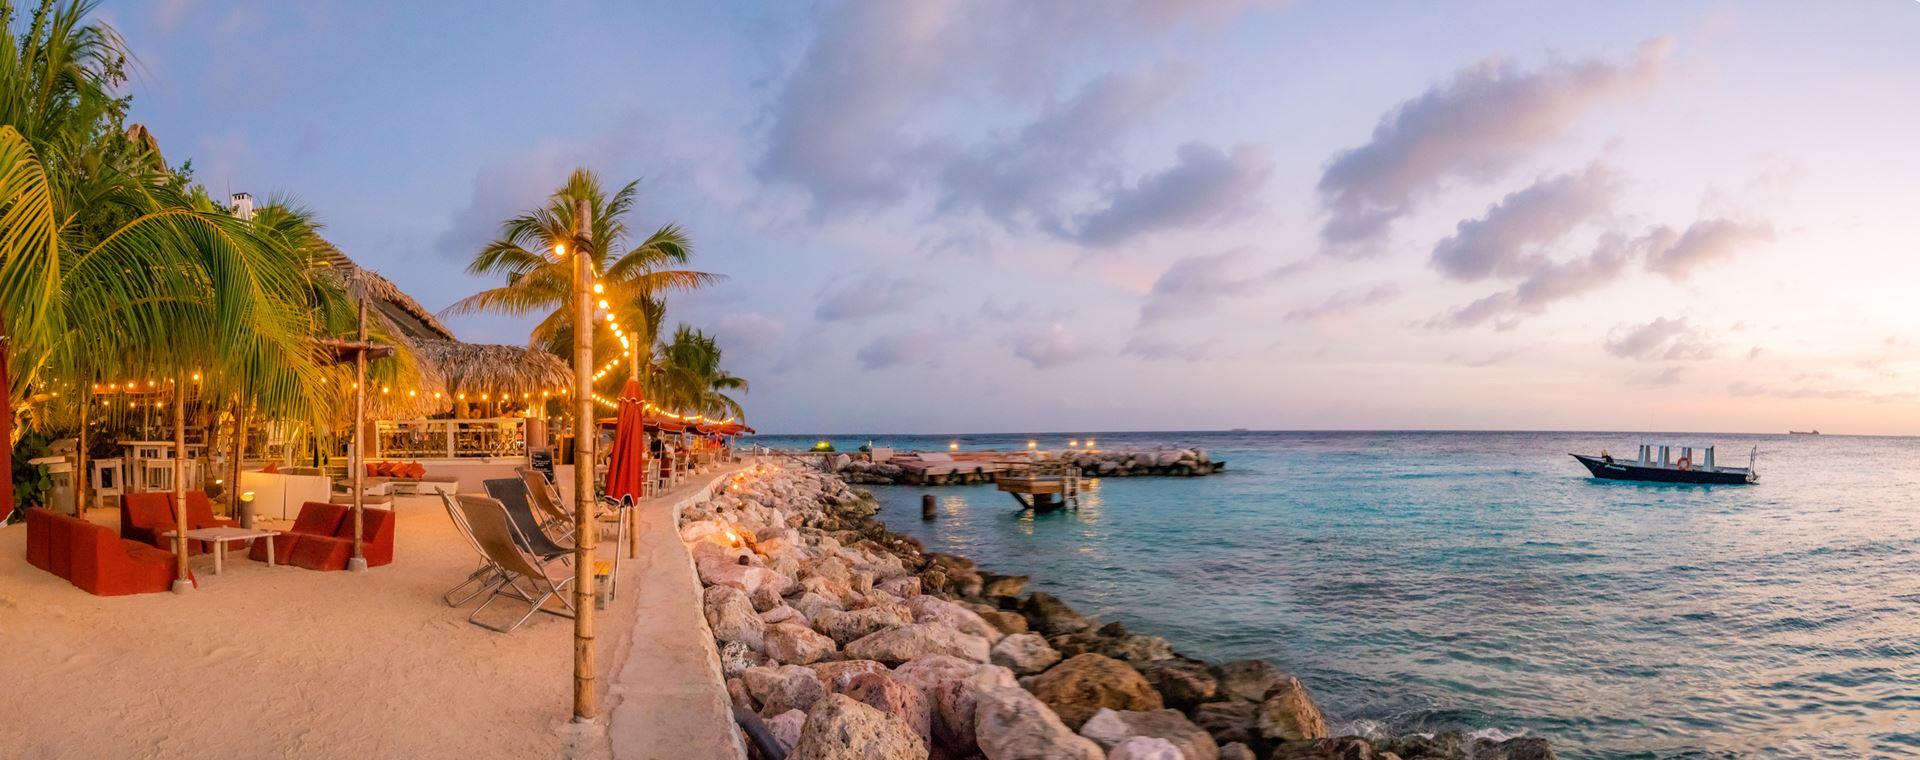 Rondreis Curaçao